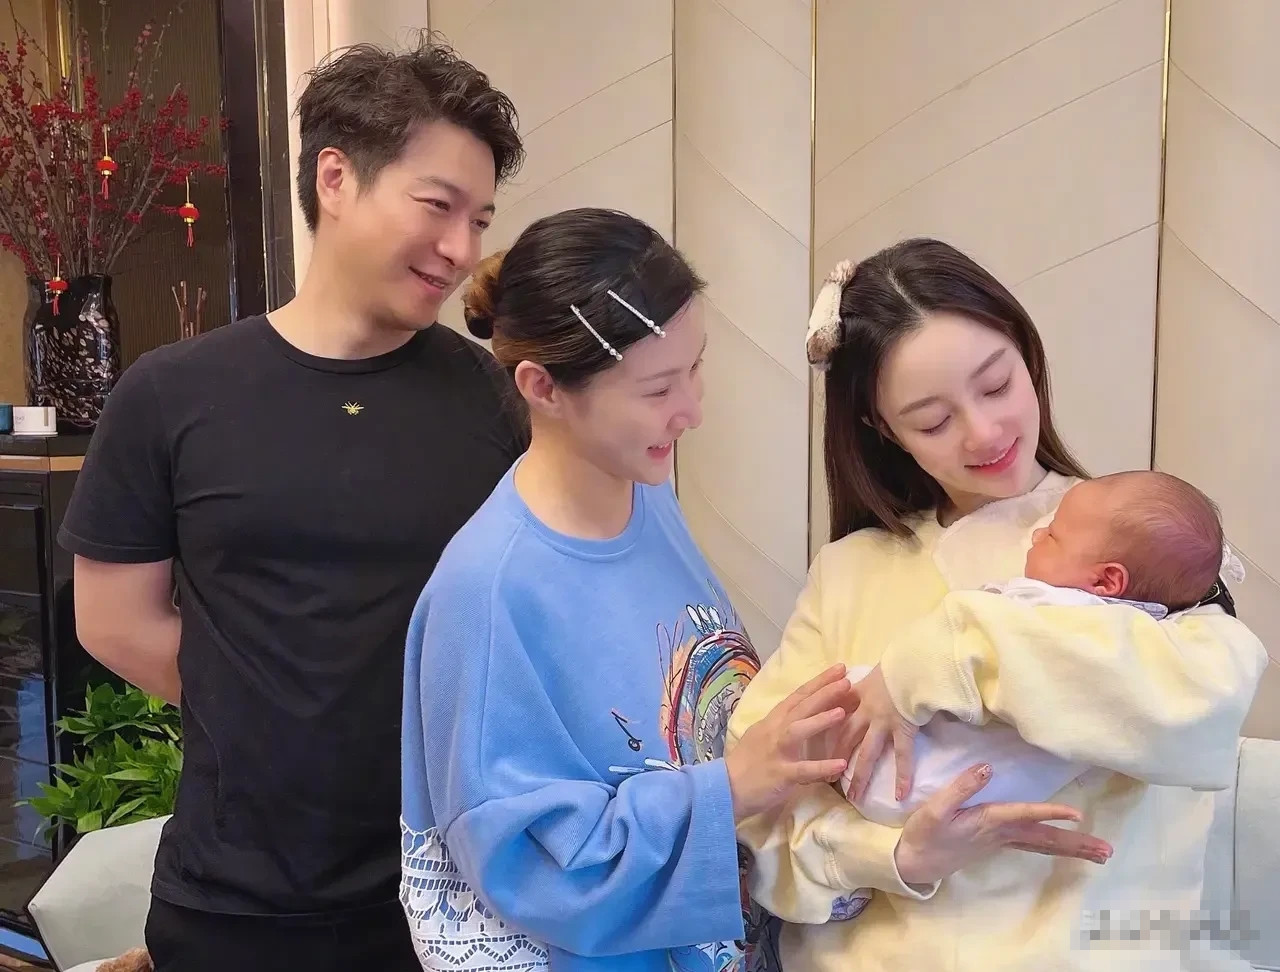 李小璐自己婚姻被第三者搞黄了,又介入还在哺乳期的闺蜜婚姻里?